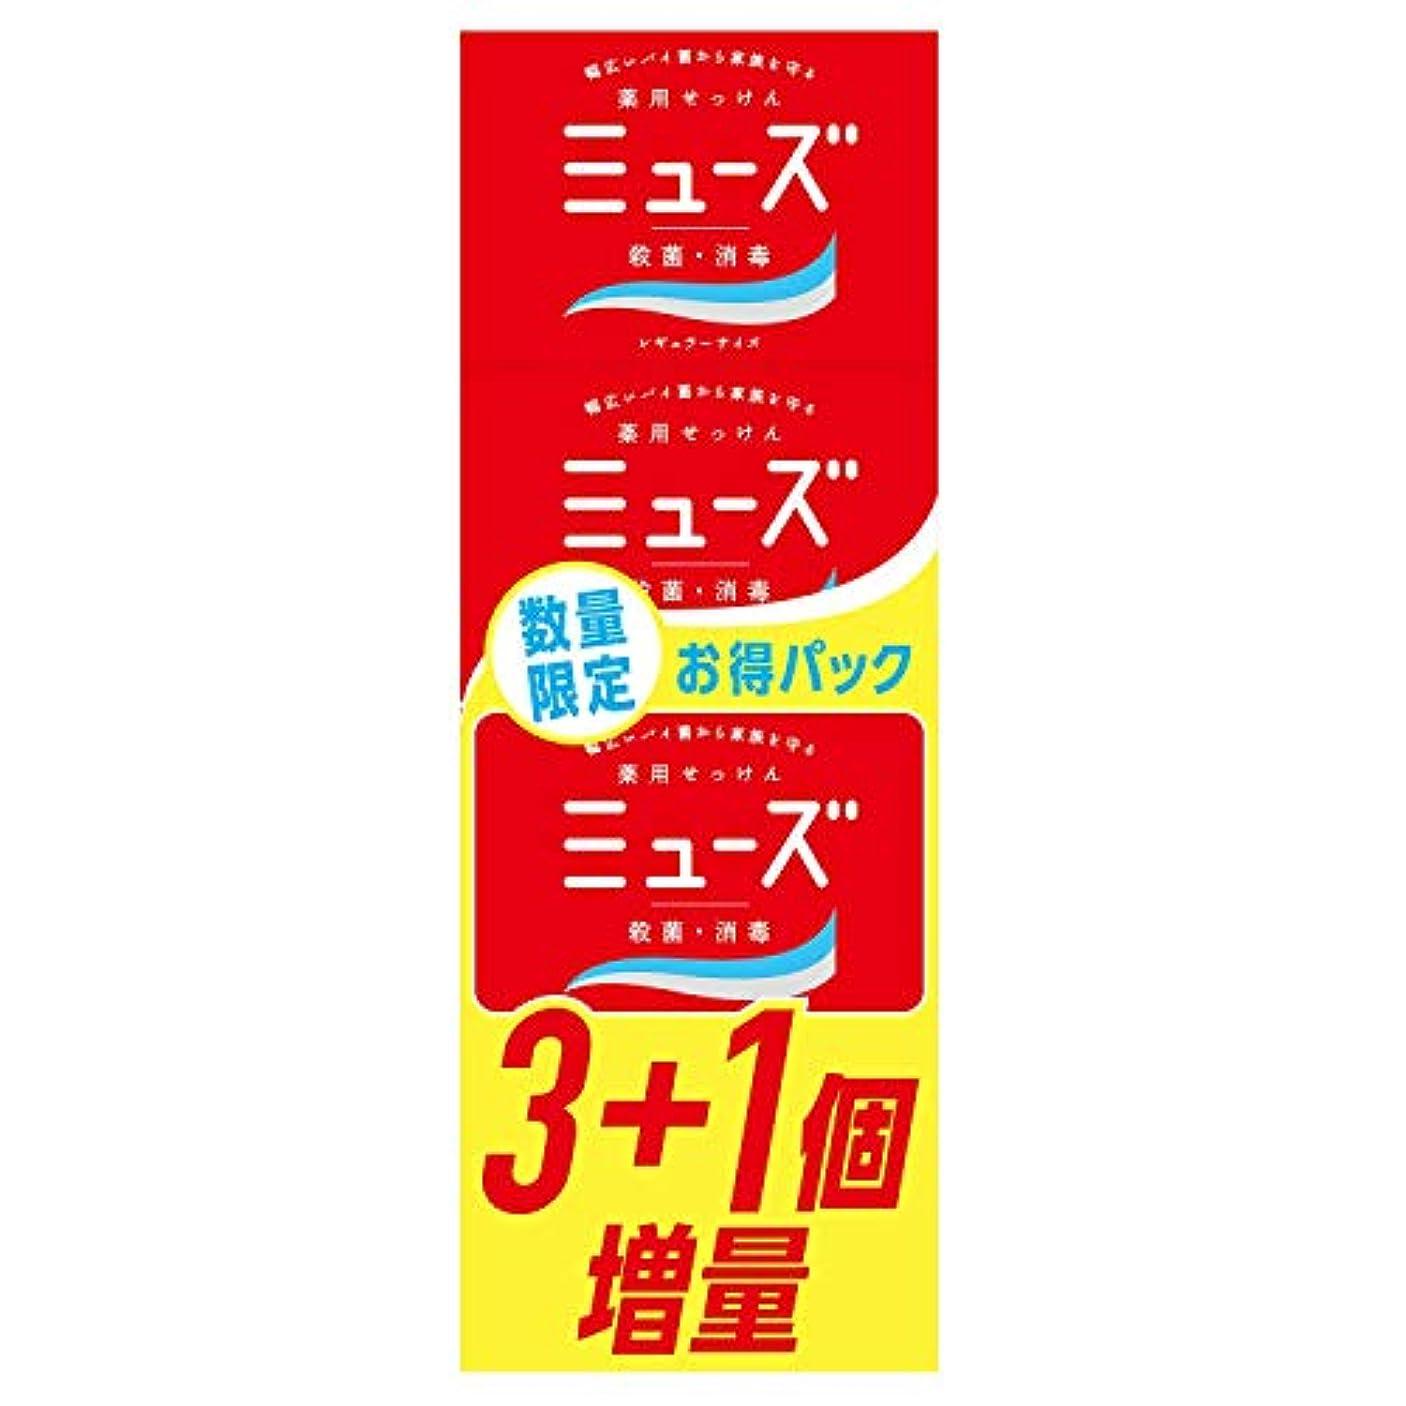 忘れっぽいガレージシロクマ【医薬部外品】ミューズ石鹸レギュラー 3+1限定品